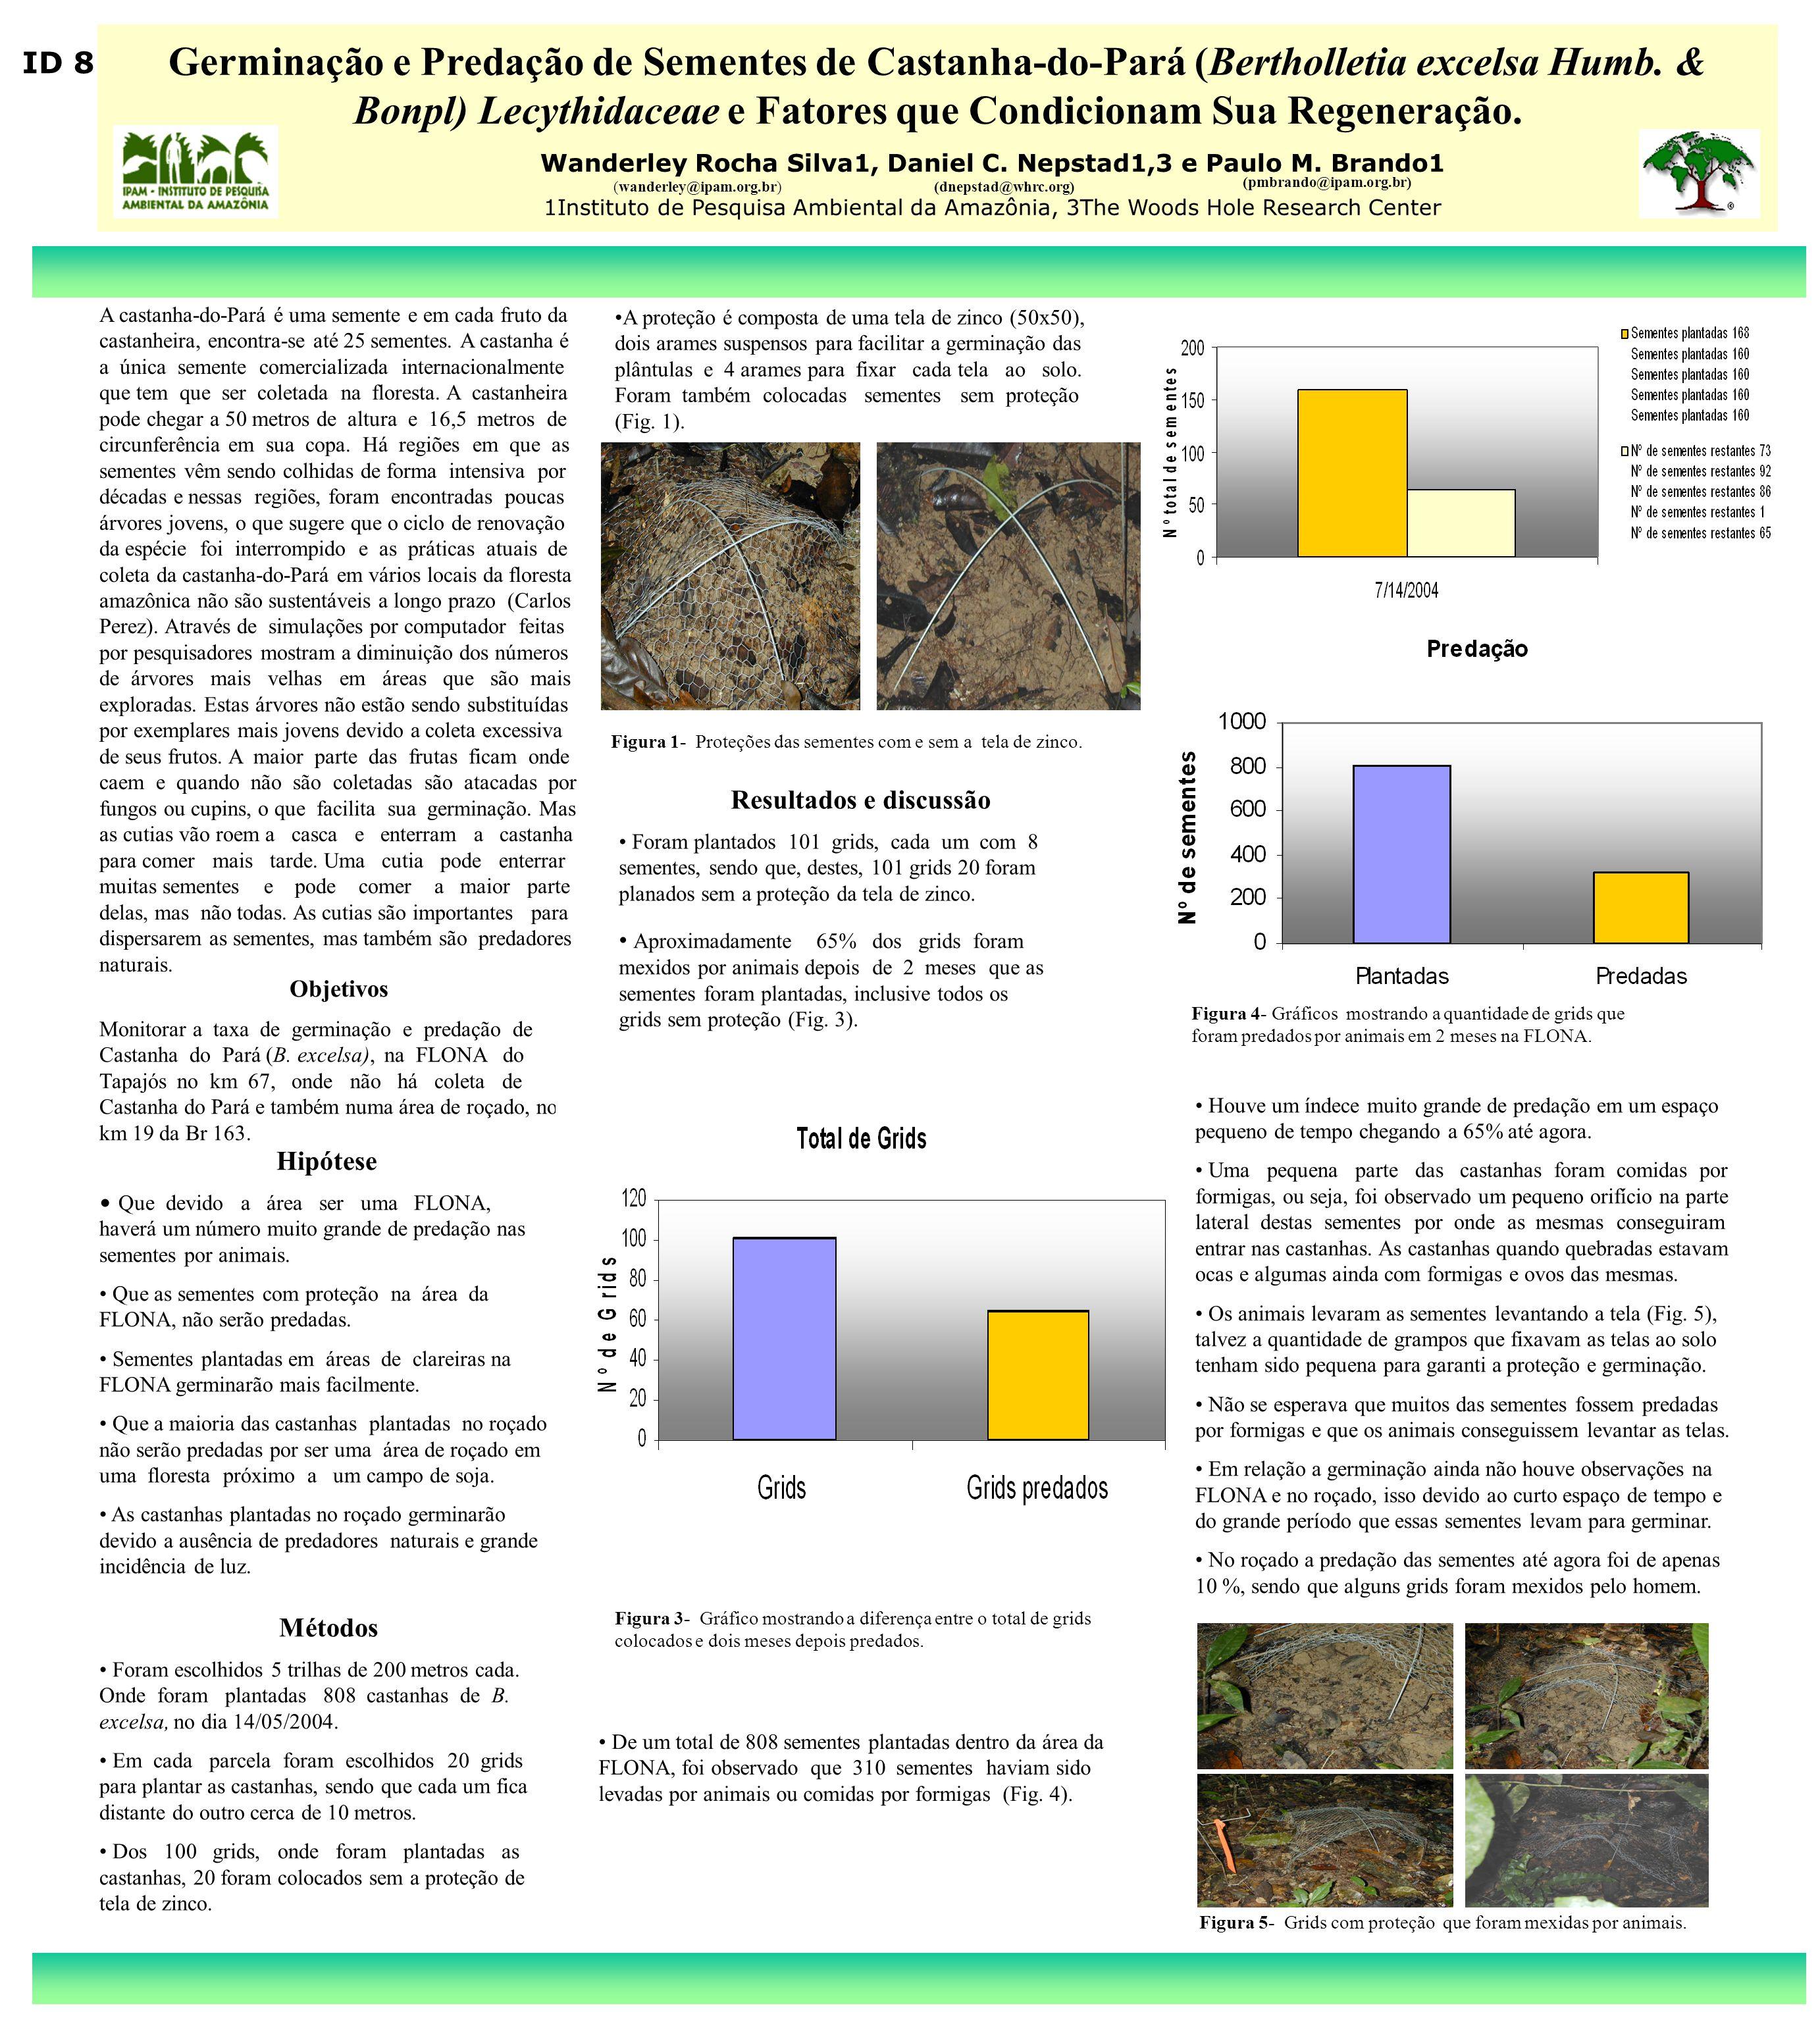 Germinação e Predação de Sementes de Castanha-do-Pará (Bertholletia excelsa Humb. & Bonpl) Lecythidaceae e Fatores que Condicionam Sua Regeneração. Wa